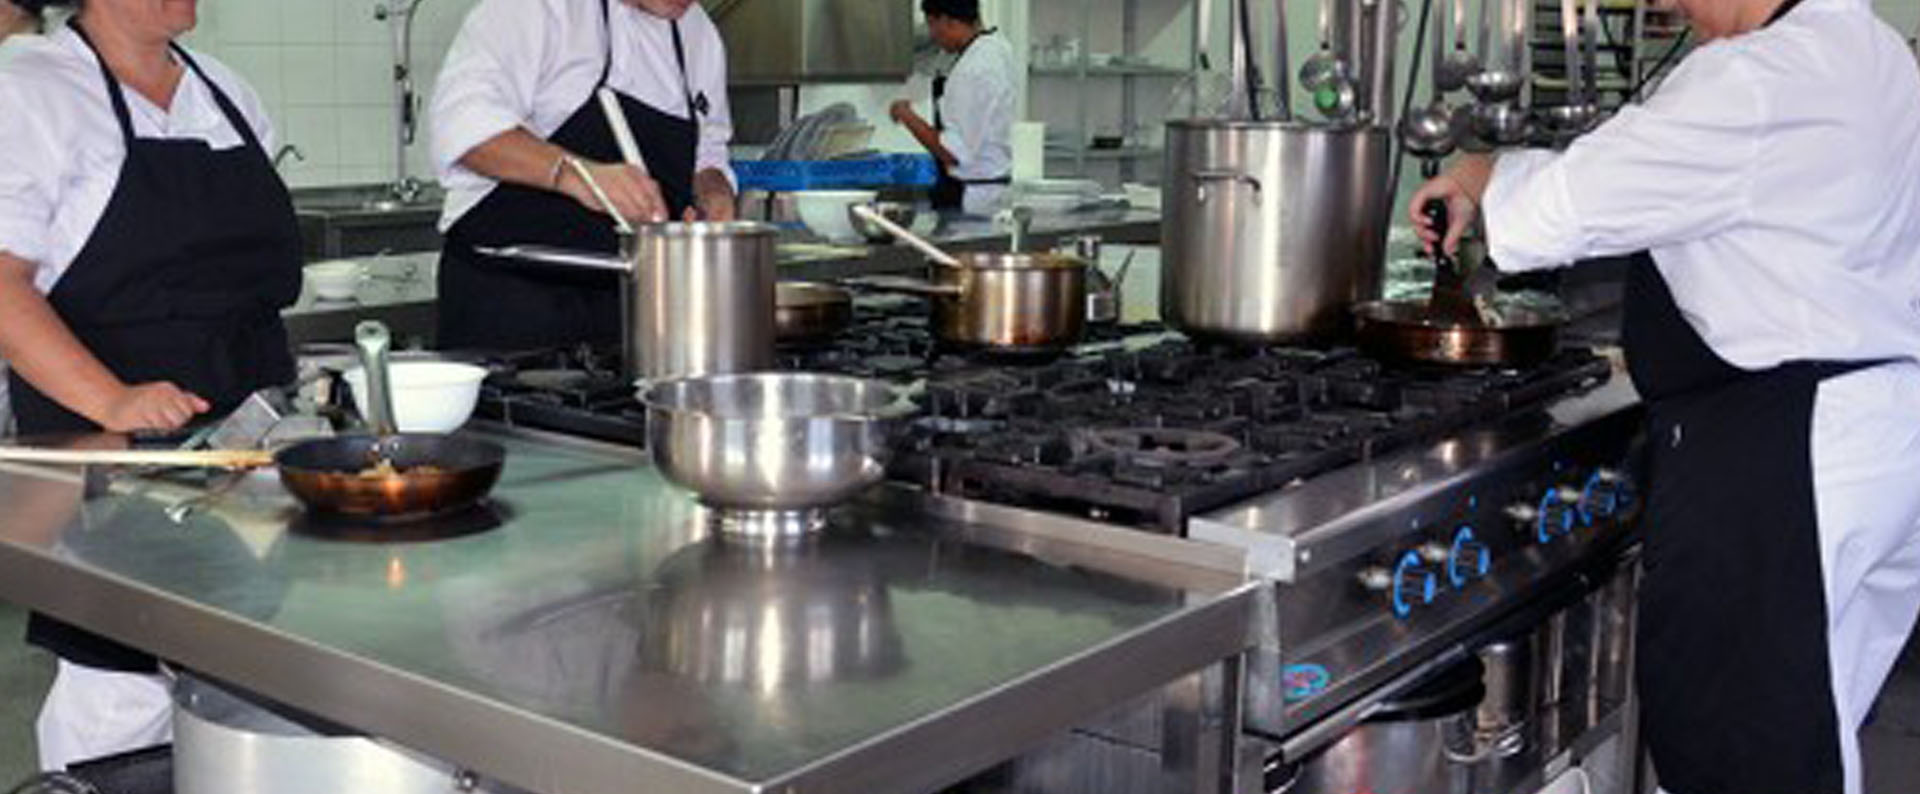 Cursos privados de cocina escuela de cocina amanca for Manual operaciones basicas de cocina